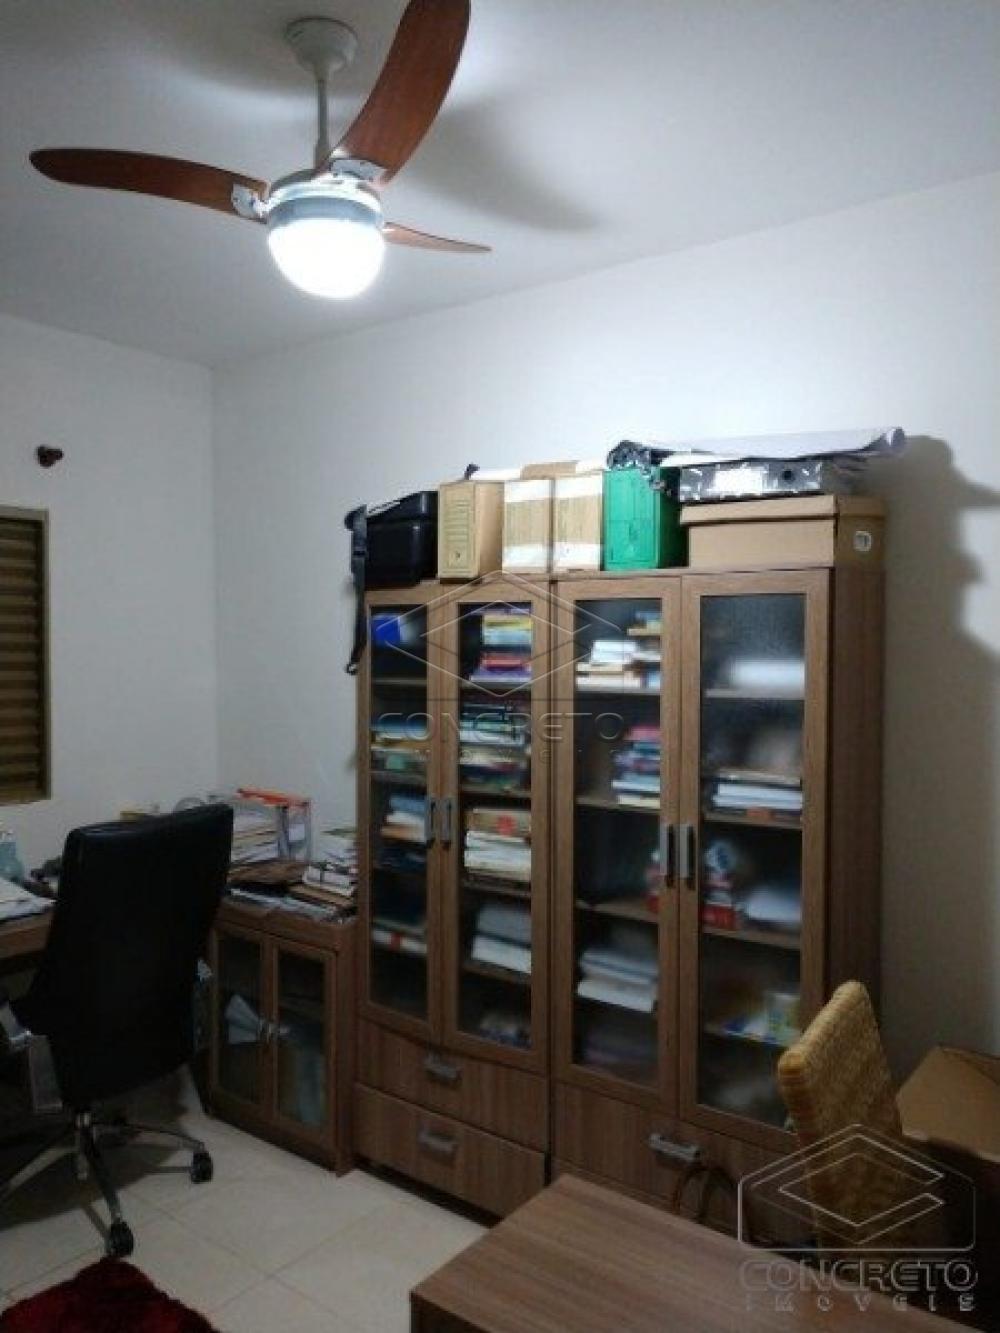 Comprar Casa / Residencia em Jaú apenas R$ 255.000,00 - Foto 10